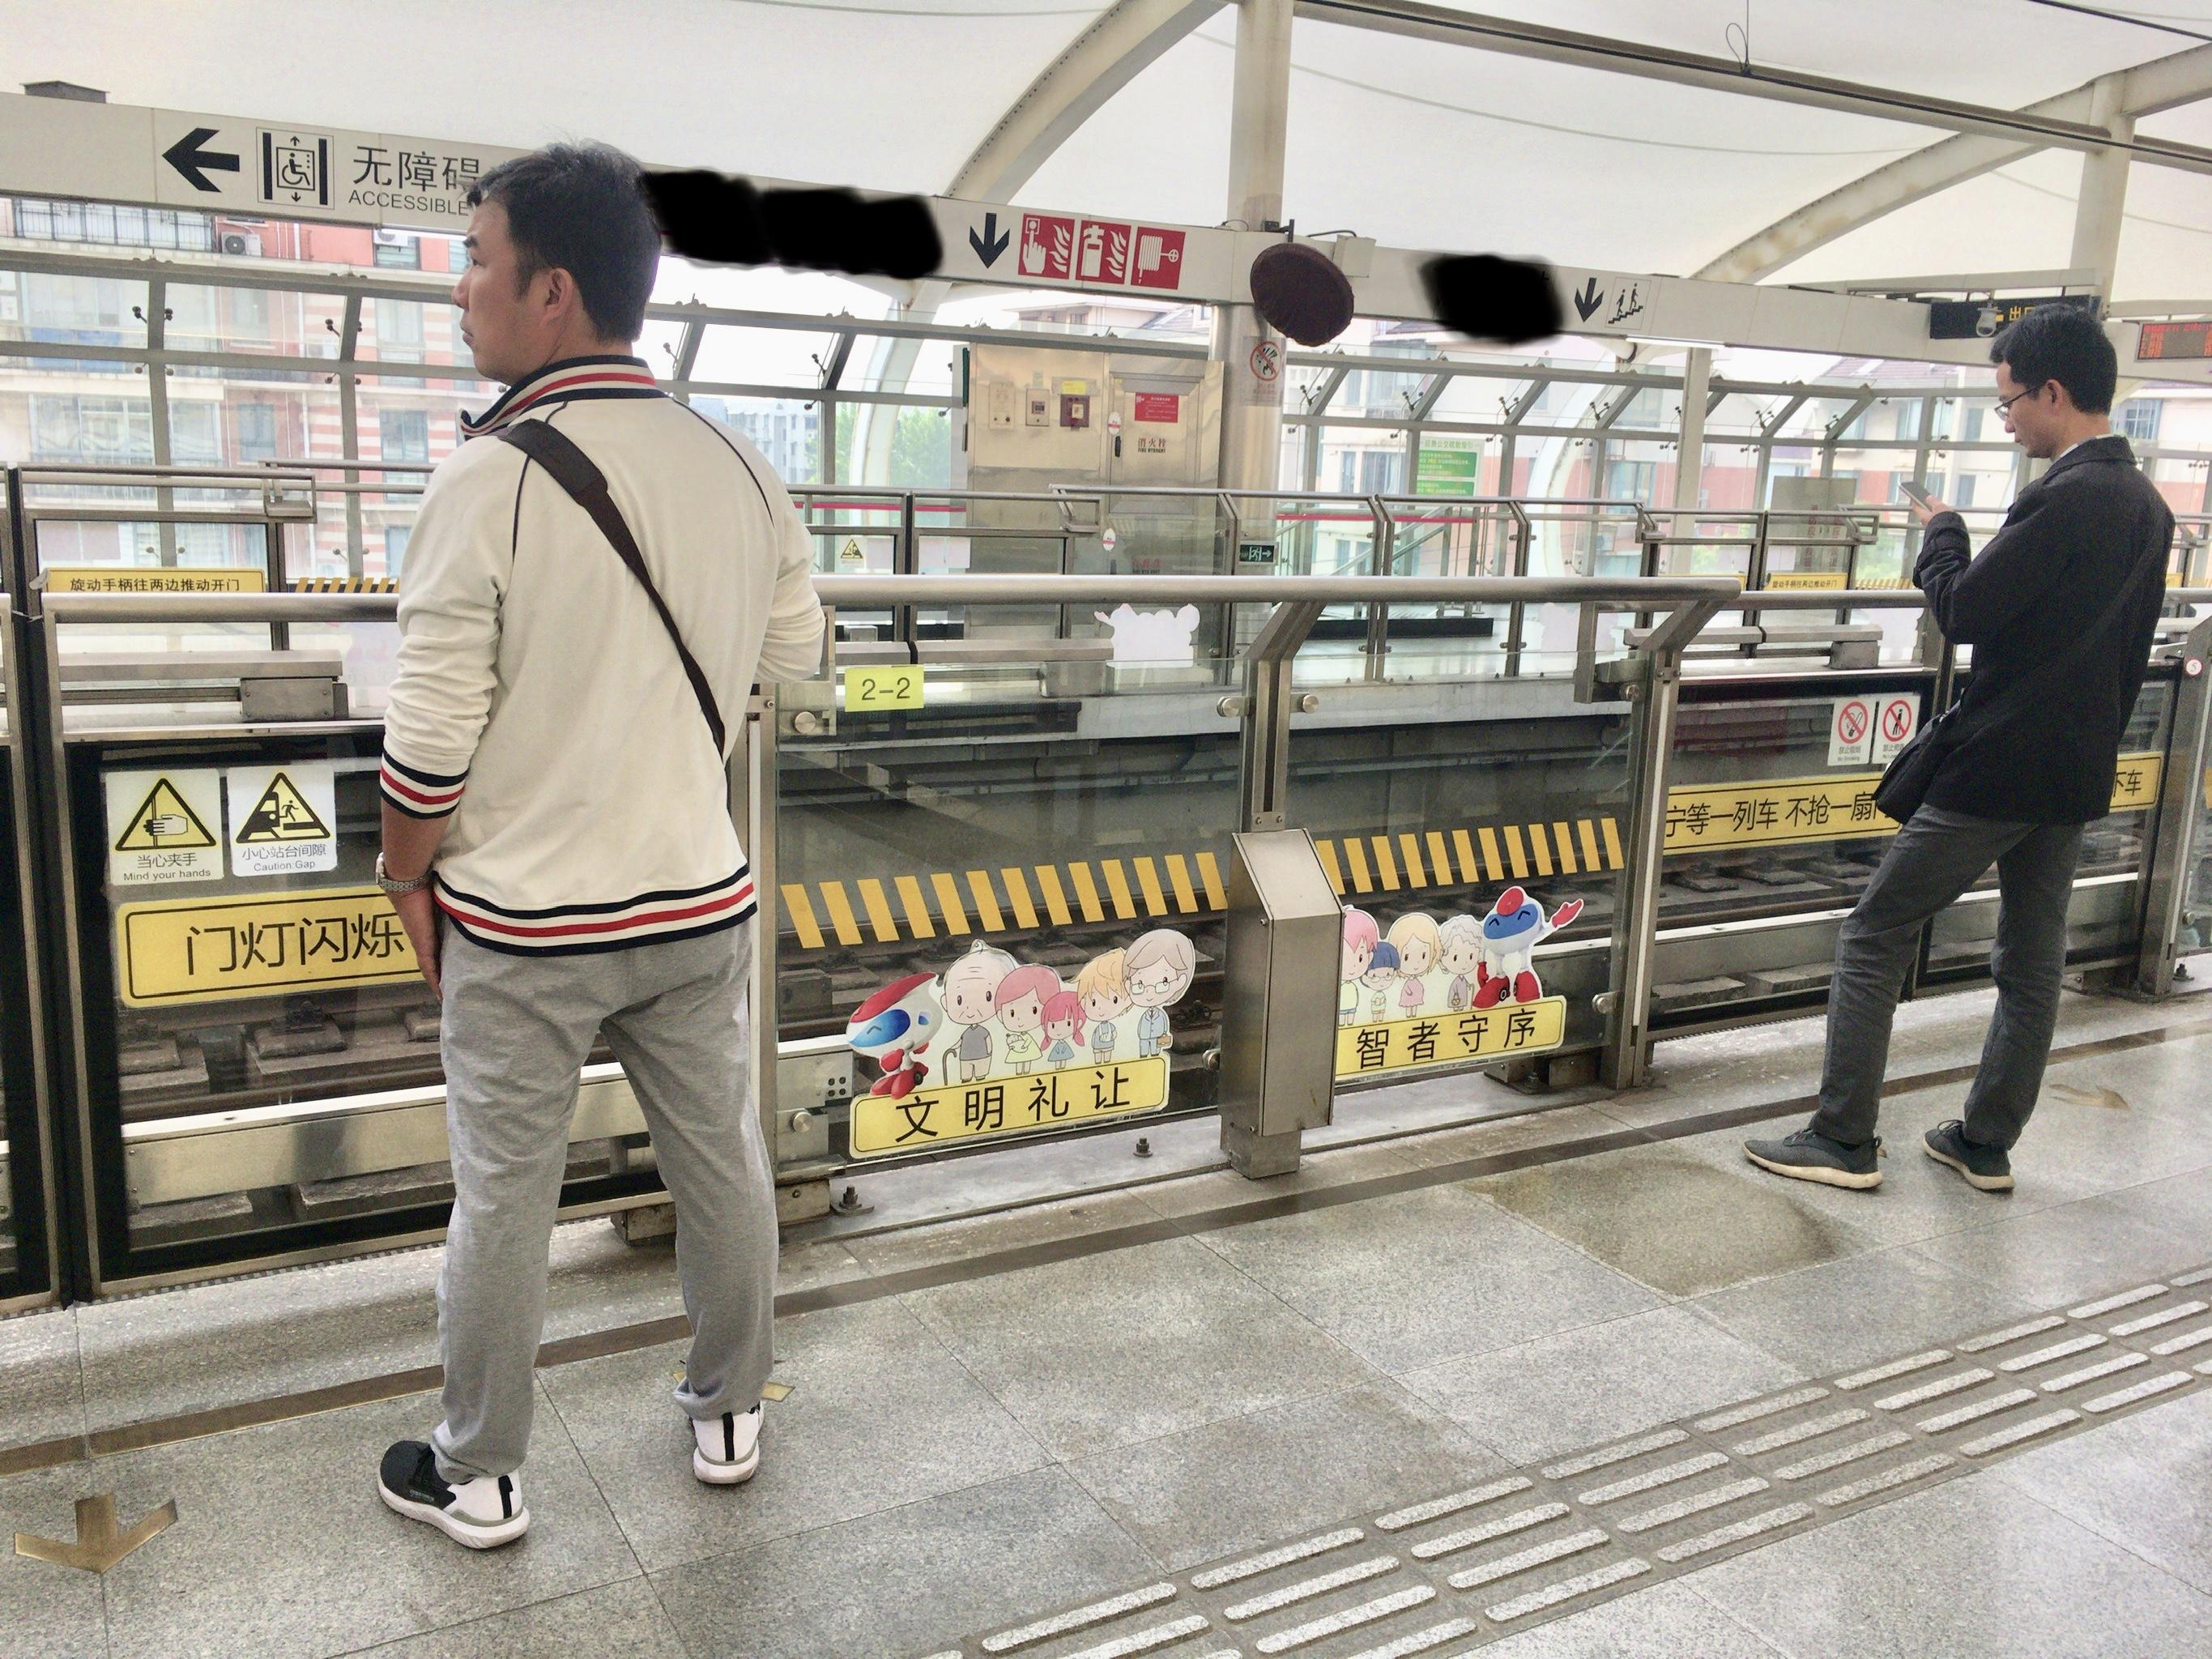 上海の地下鉄、ドアを塞がれる